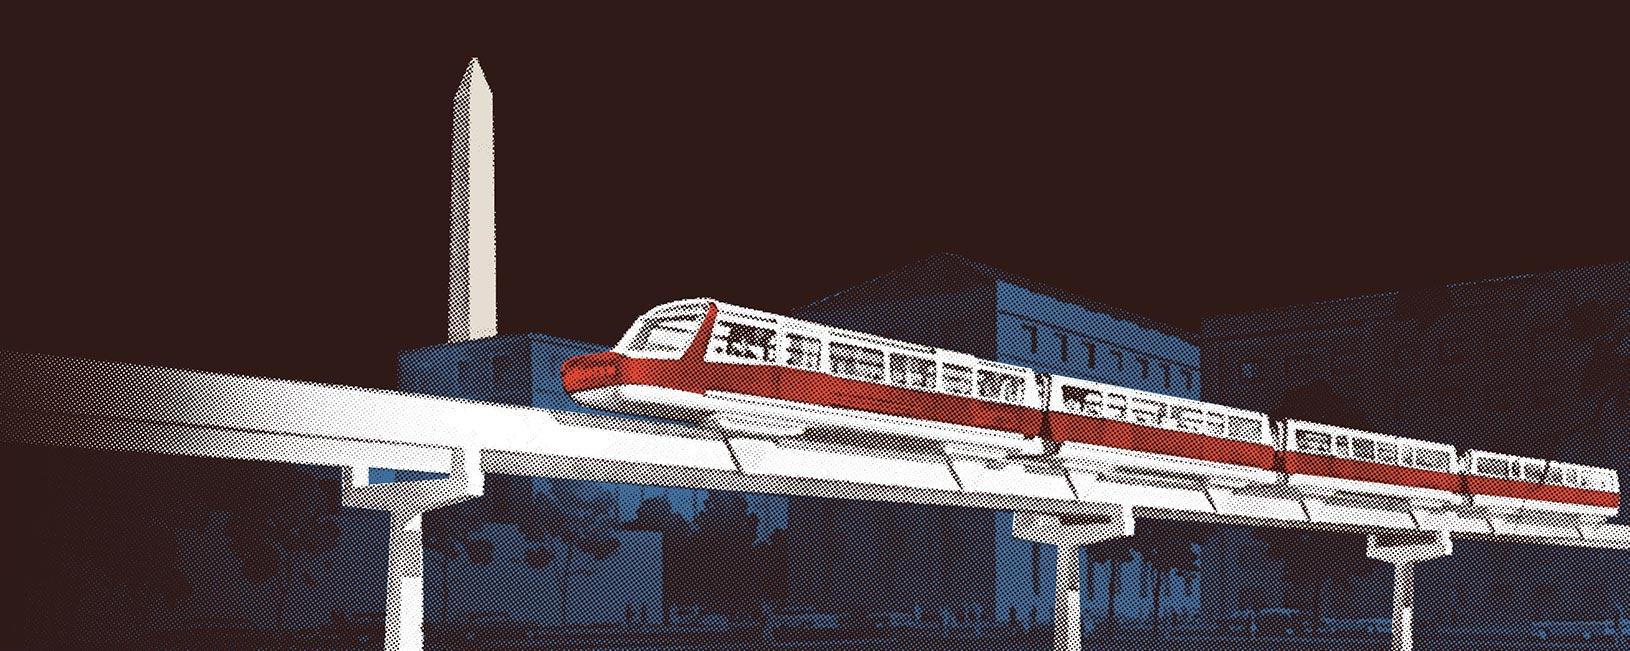 dc_monorail_2x